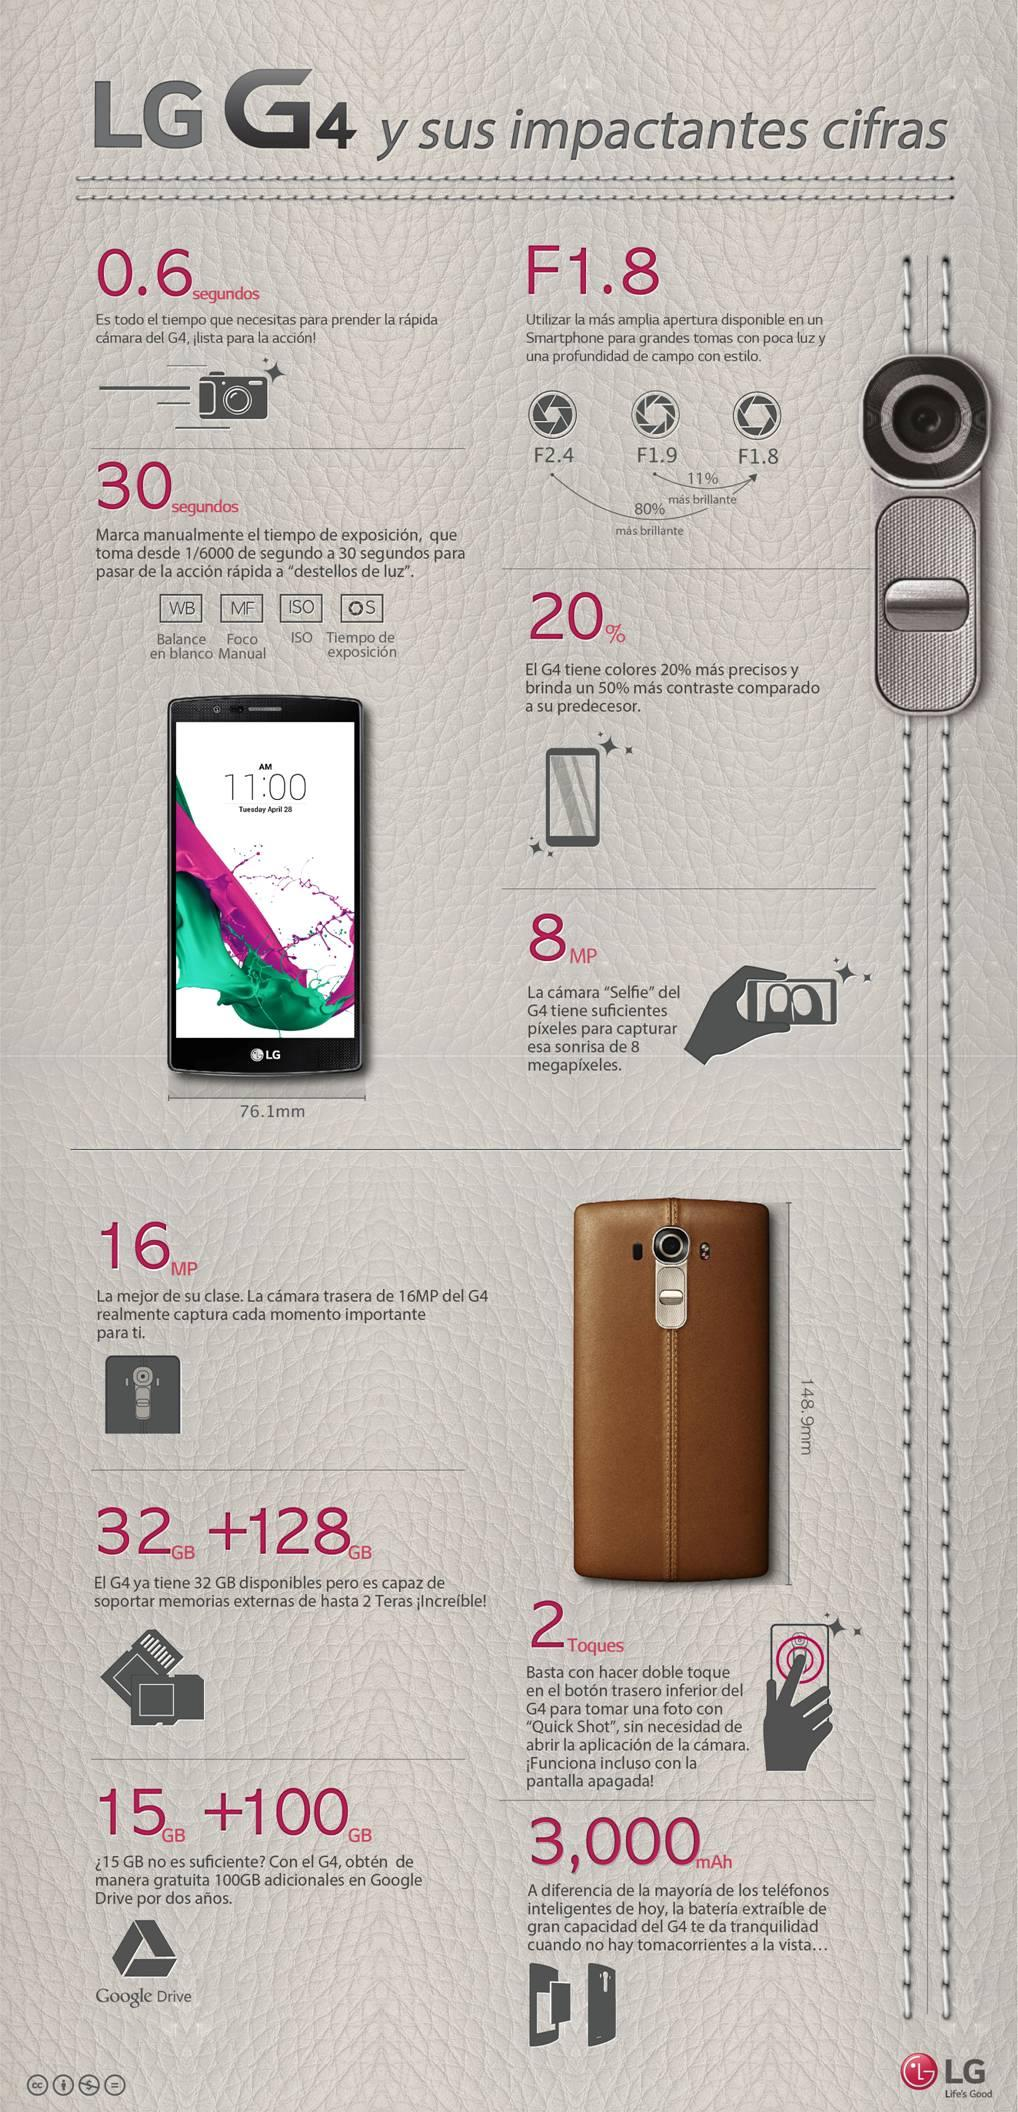 Todas las características del LG G4 en una sola imagen